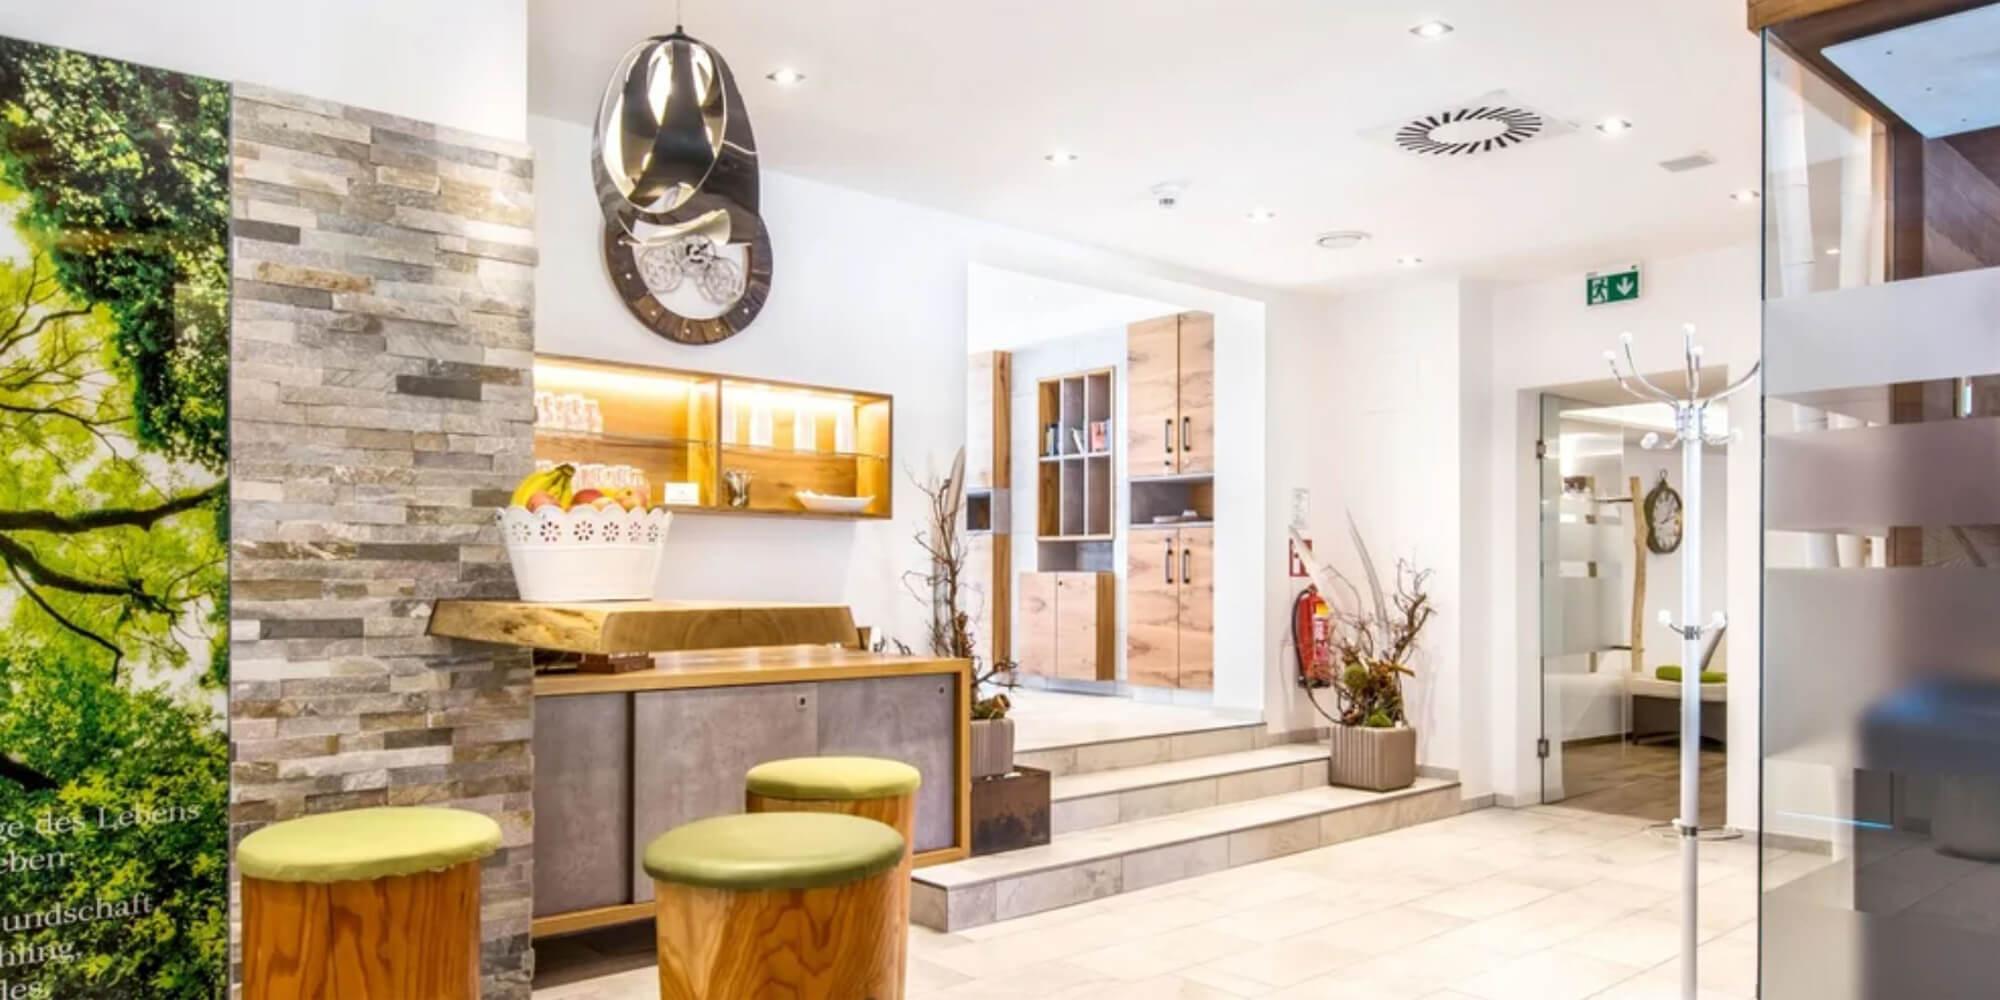 Crea-Plan-Design-Rauch-Frühmann-Architektur-Innenarchitektur-Design-Projekt-Referenz-Hotelerie-Gastronomie-Hotel-Donauschlinge-Wellness-1